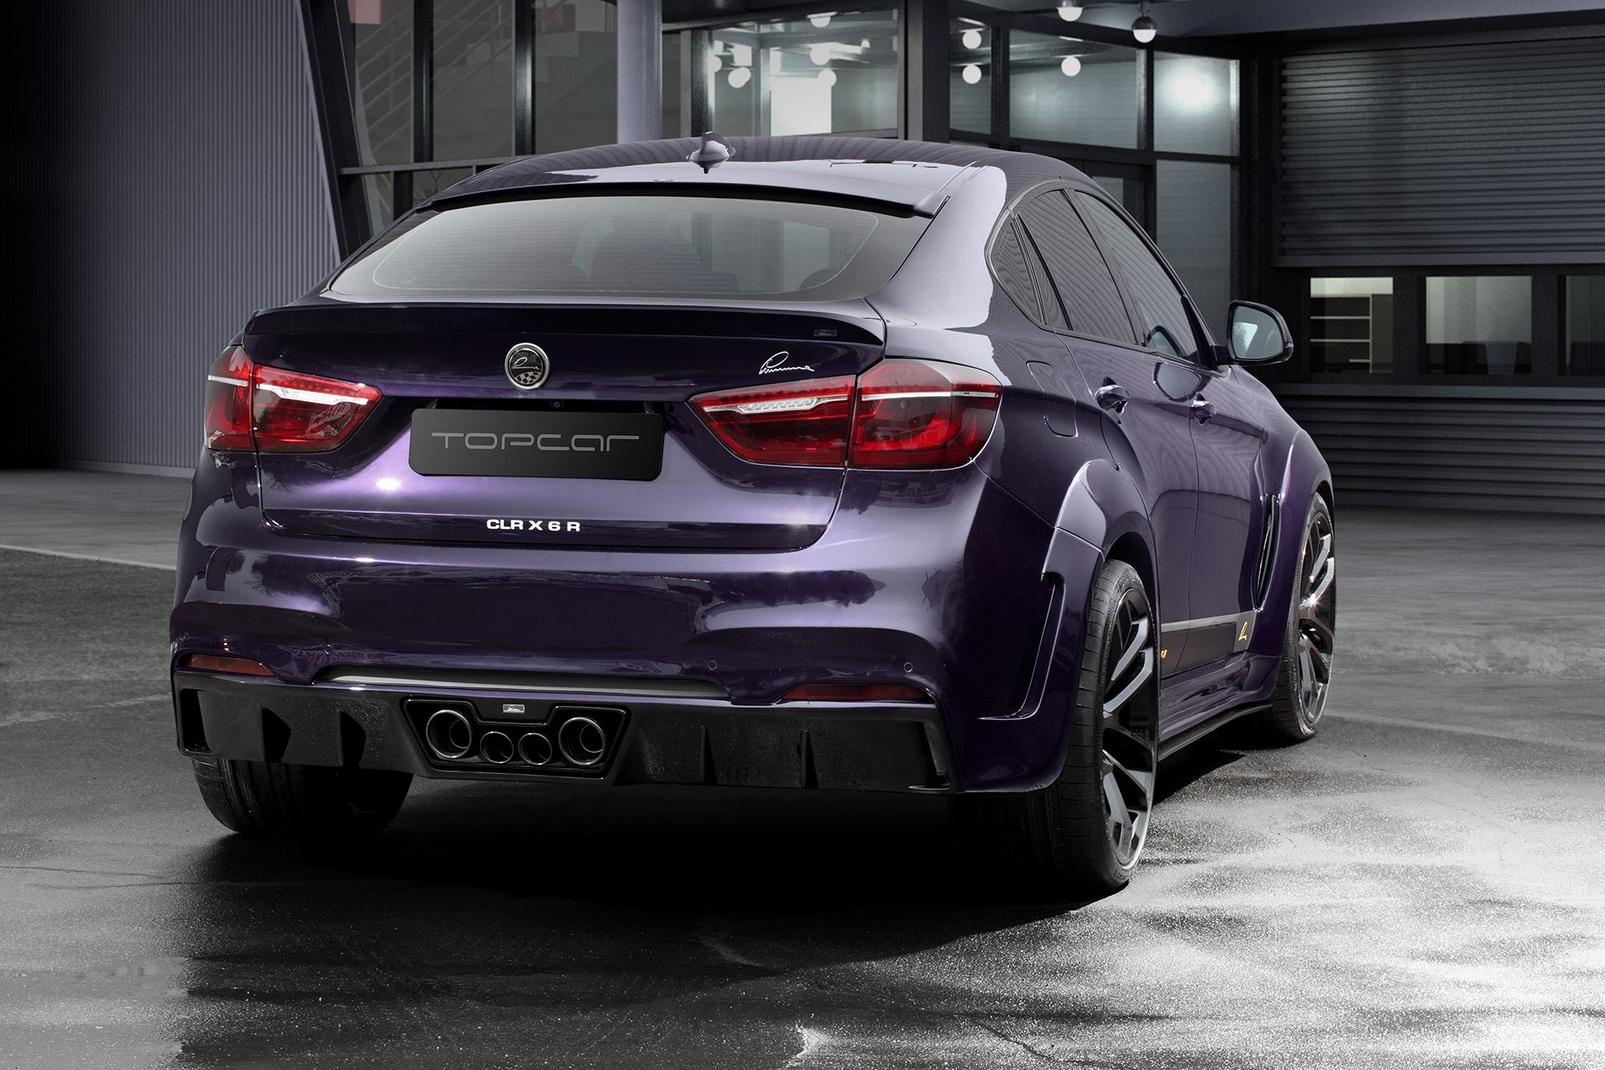 Lumma CLR BMW X6 R (6)